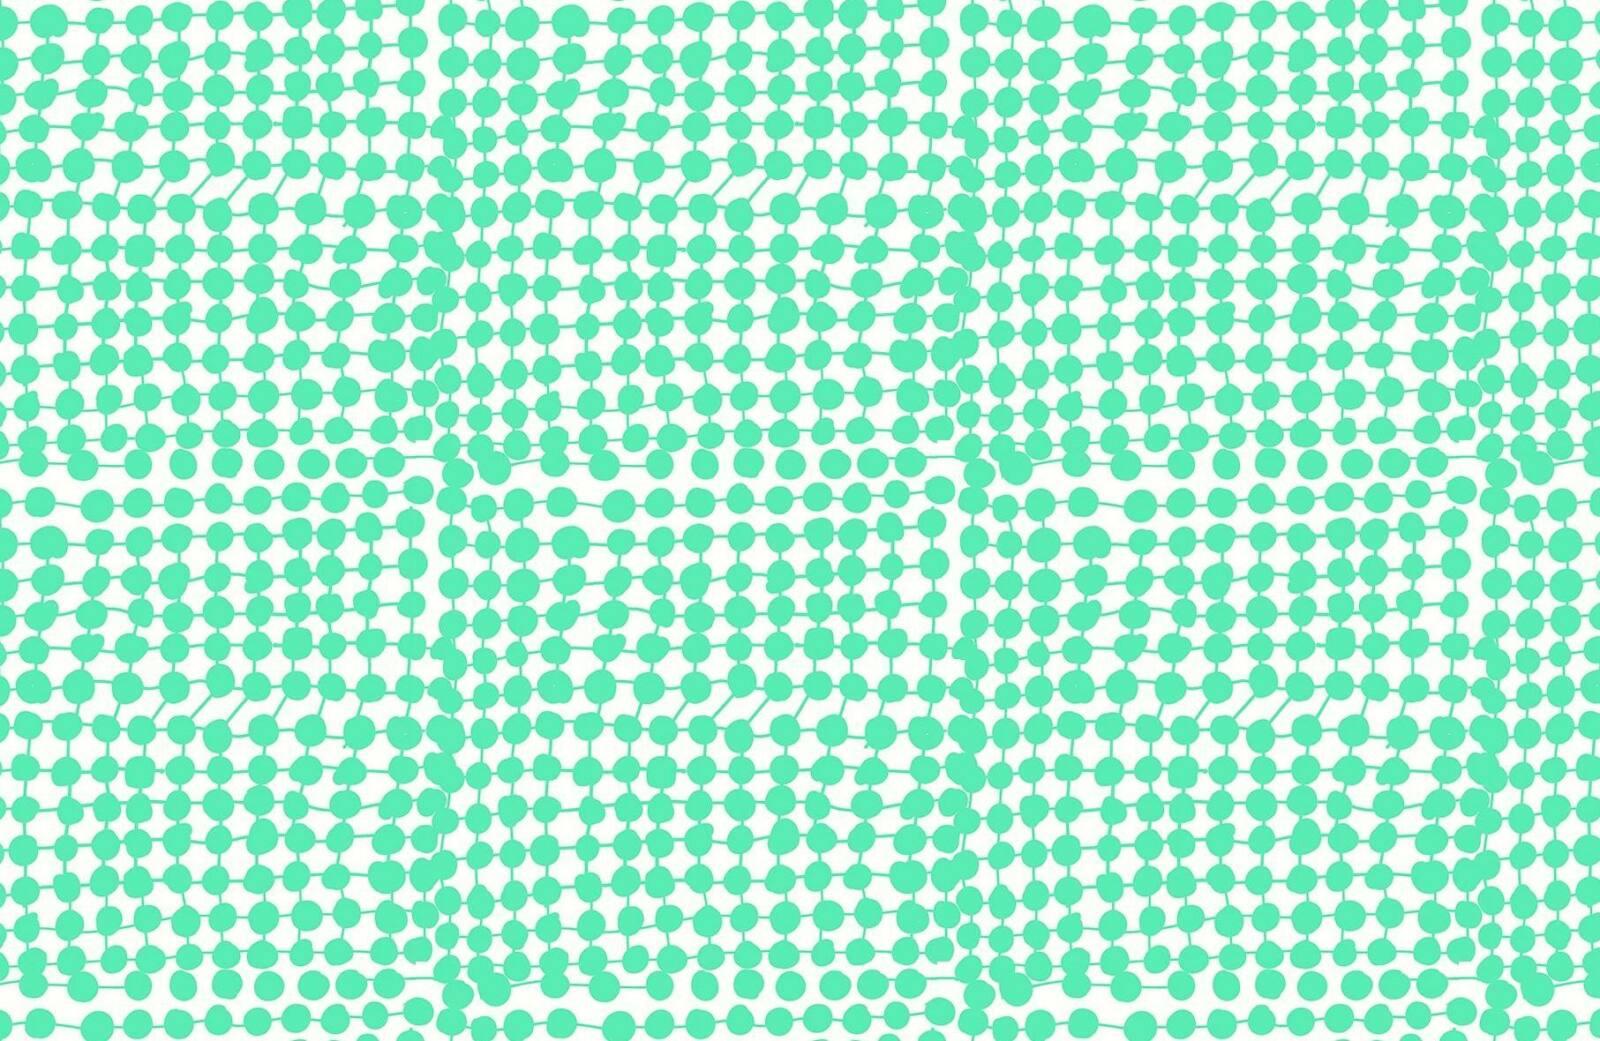 Crazy Dots mint